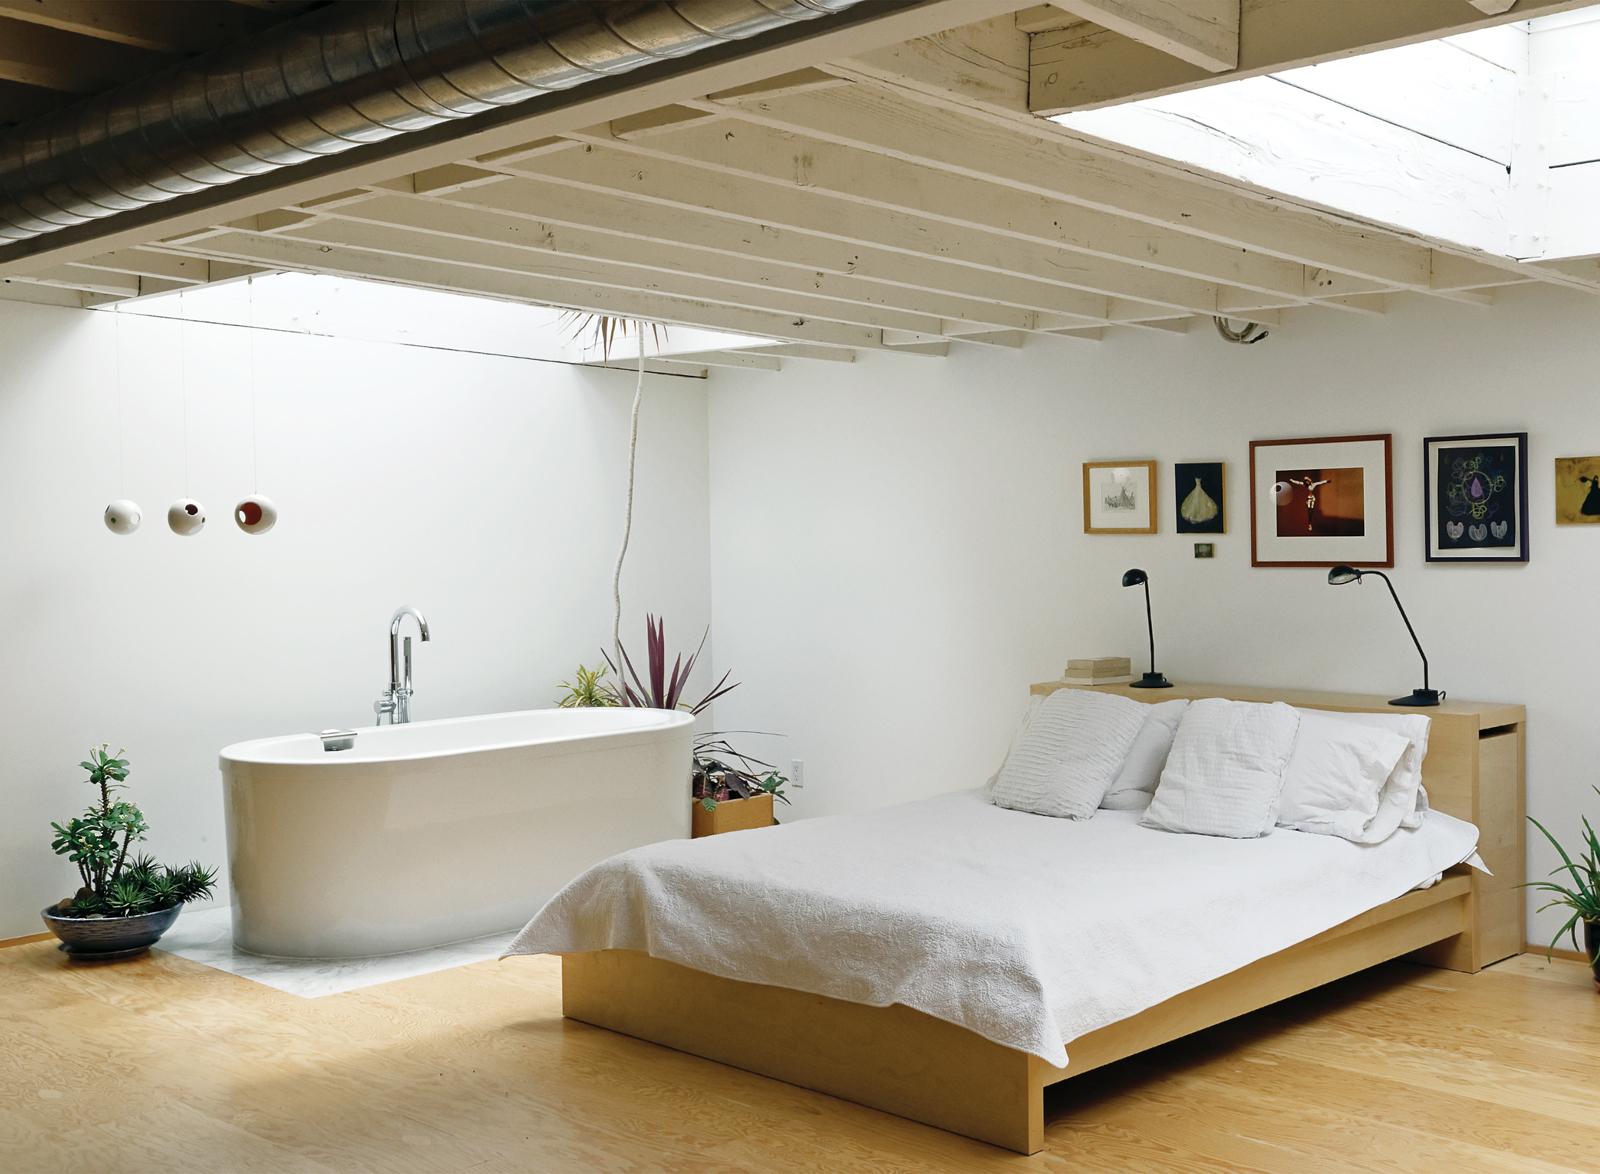 Camera da letto con vasca for Studio in camera da letto